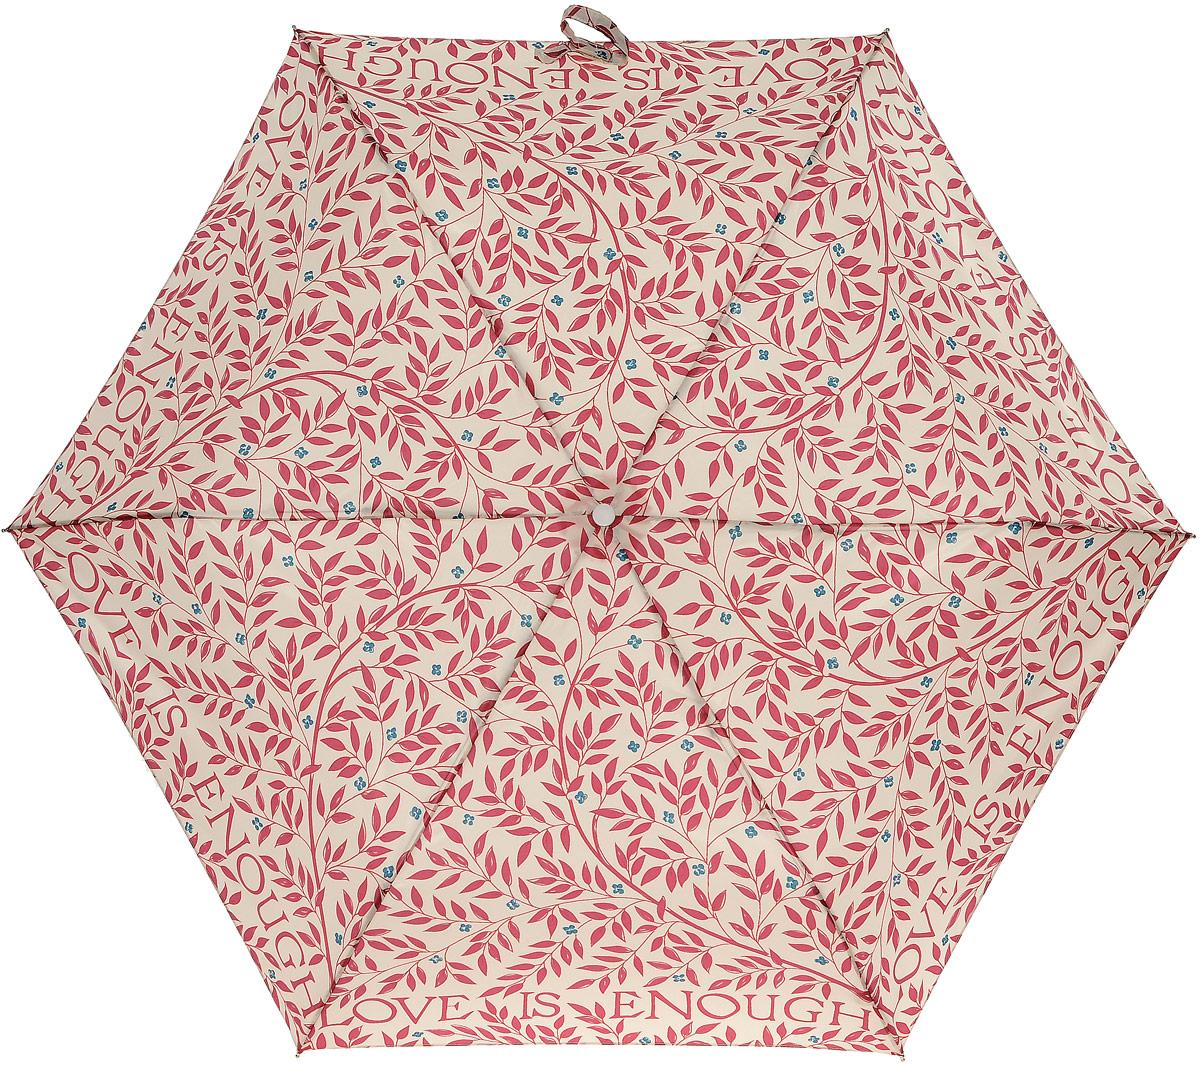 Зонт женский Morris & Co Superslim, механический, 3 сложения, цвет: бежевый, бордовый, синий. L714-2796L714-2796 LoveisEnoughСтильный механический зонт Morris & Co Superslim в 3 сложения даже в ненастную погоду позволит вам оставаться элегантной. Облегченный каркас зонта выполнен из 6 спиц из фибергласса и алюминия, стержень также изготовлен из алюминия, удобная рукоятка - из дерева. Купол зонта выполнен из прочного полиэстера. В закрытом виде застегивается хлястиком на липучке. Яркий оригинальный принт в виде изображения листьев и цветов поднимет настроение в дождливый день. Зонт механического сложения: купол открывается и закрывается вручную до характерного щелчка. На рукоятке для удобства есть небольшой шнурок, позволяющий надеть зонт на руку тогда, когда это будет необходимо. К зонту прилагается чехол, который дополнительно застегивается на липучку. Чехол оформлен небольшой нашивкой с названием бренда. Такой зонт компактно располагается в кармане, сумочке, дверке автомобиля.